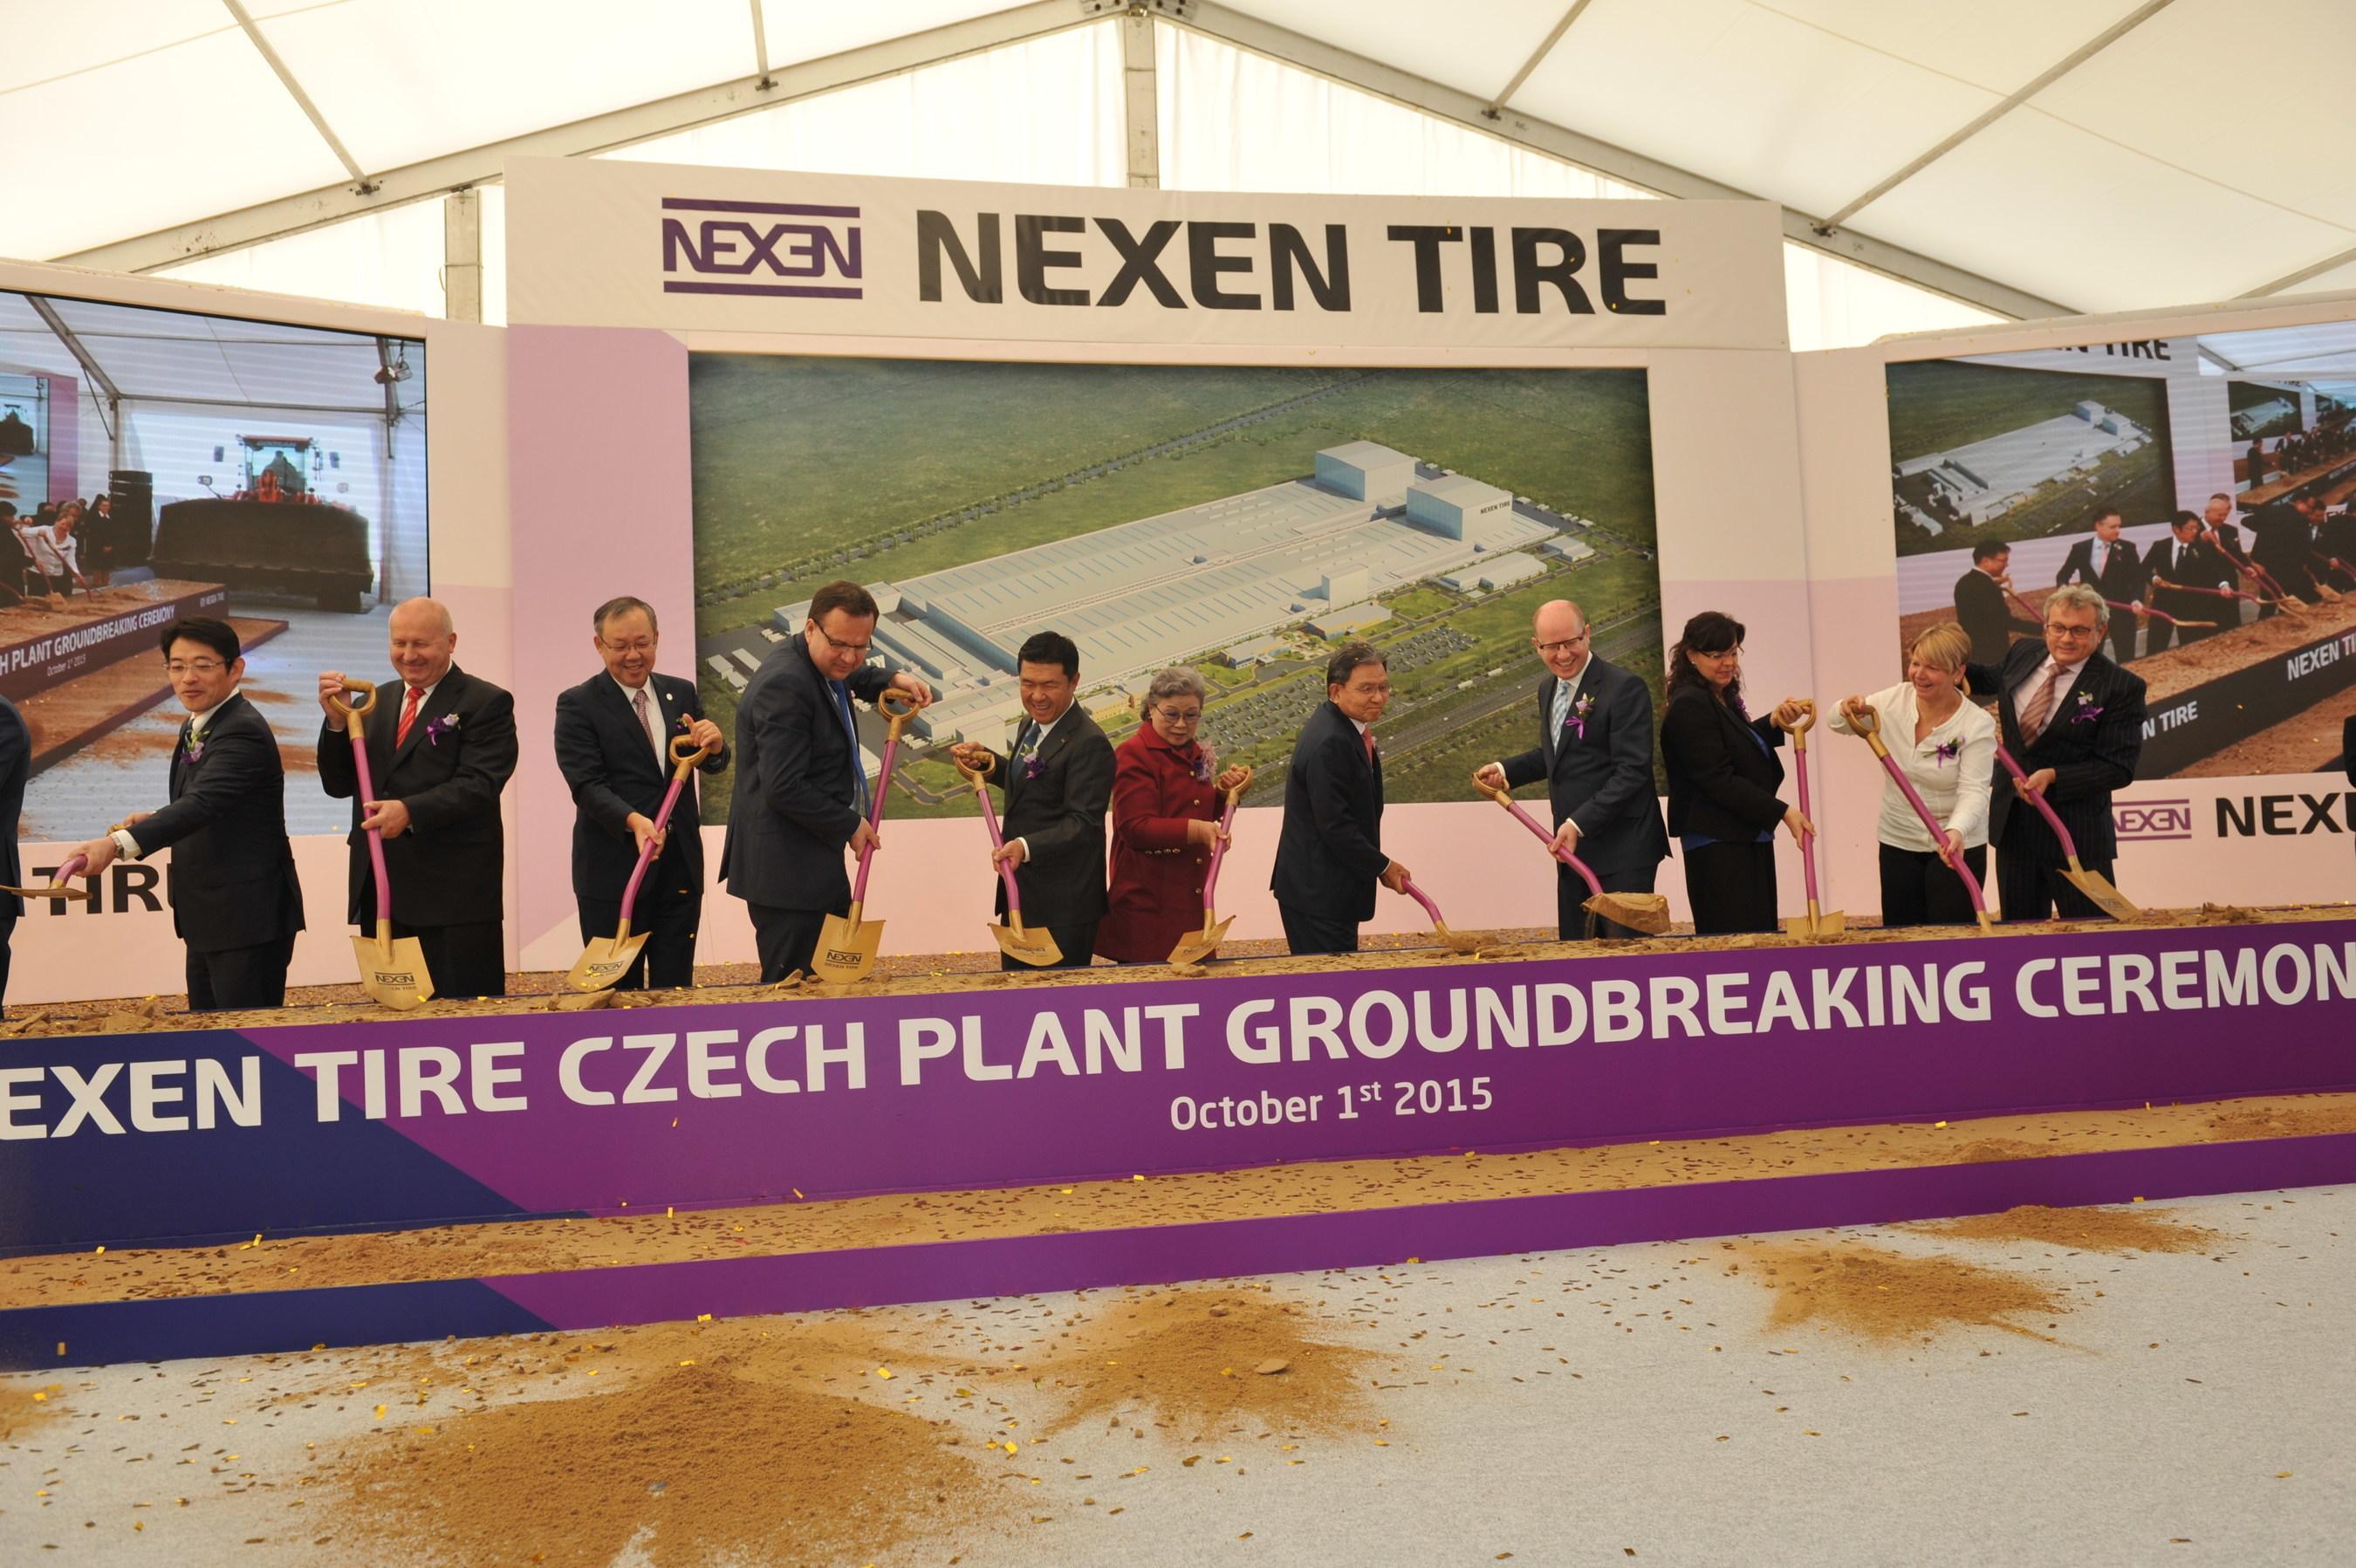 Nexen Tire celebra una ceremonia revolucionaria en su nueva planta de Zatec, República Checa